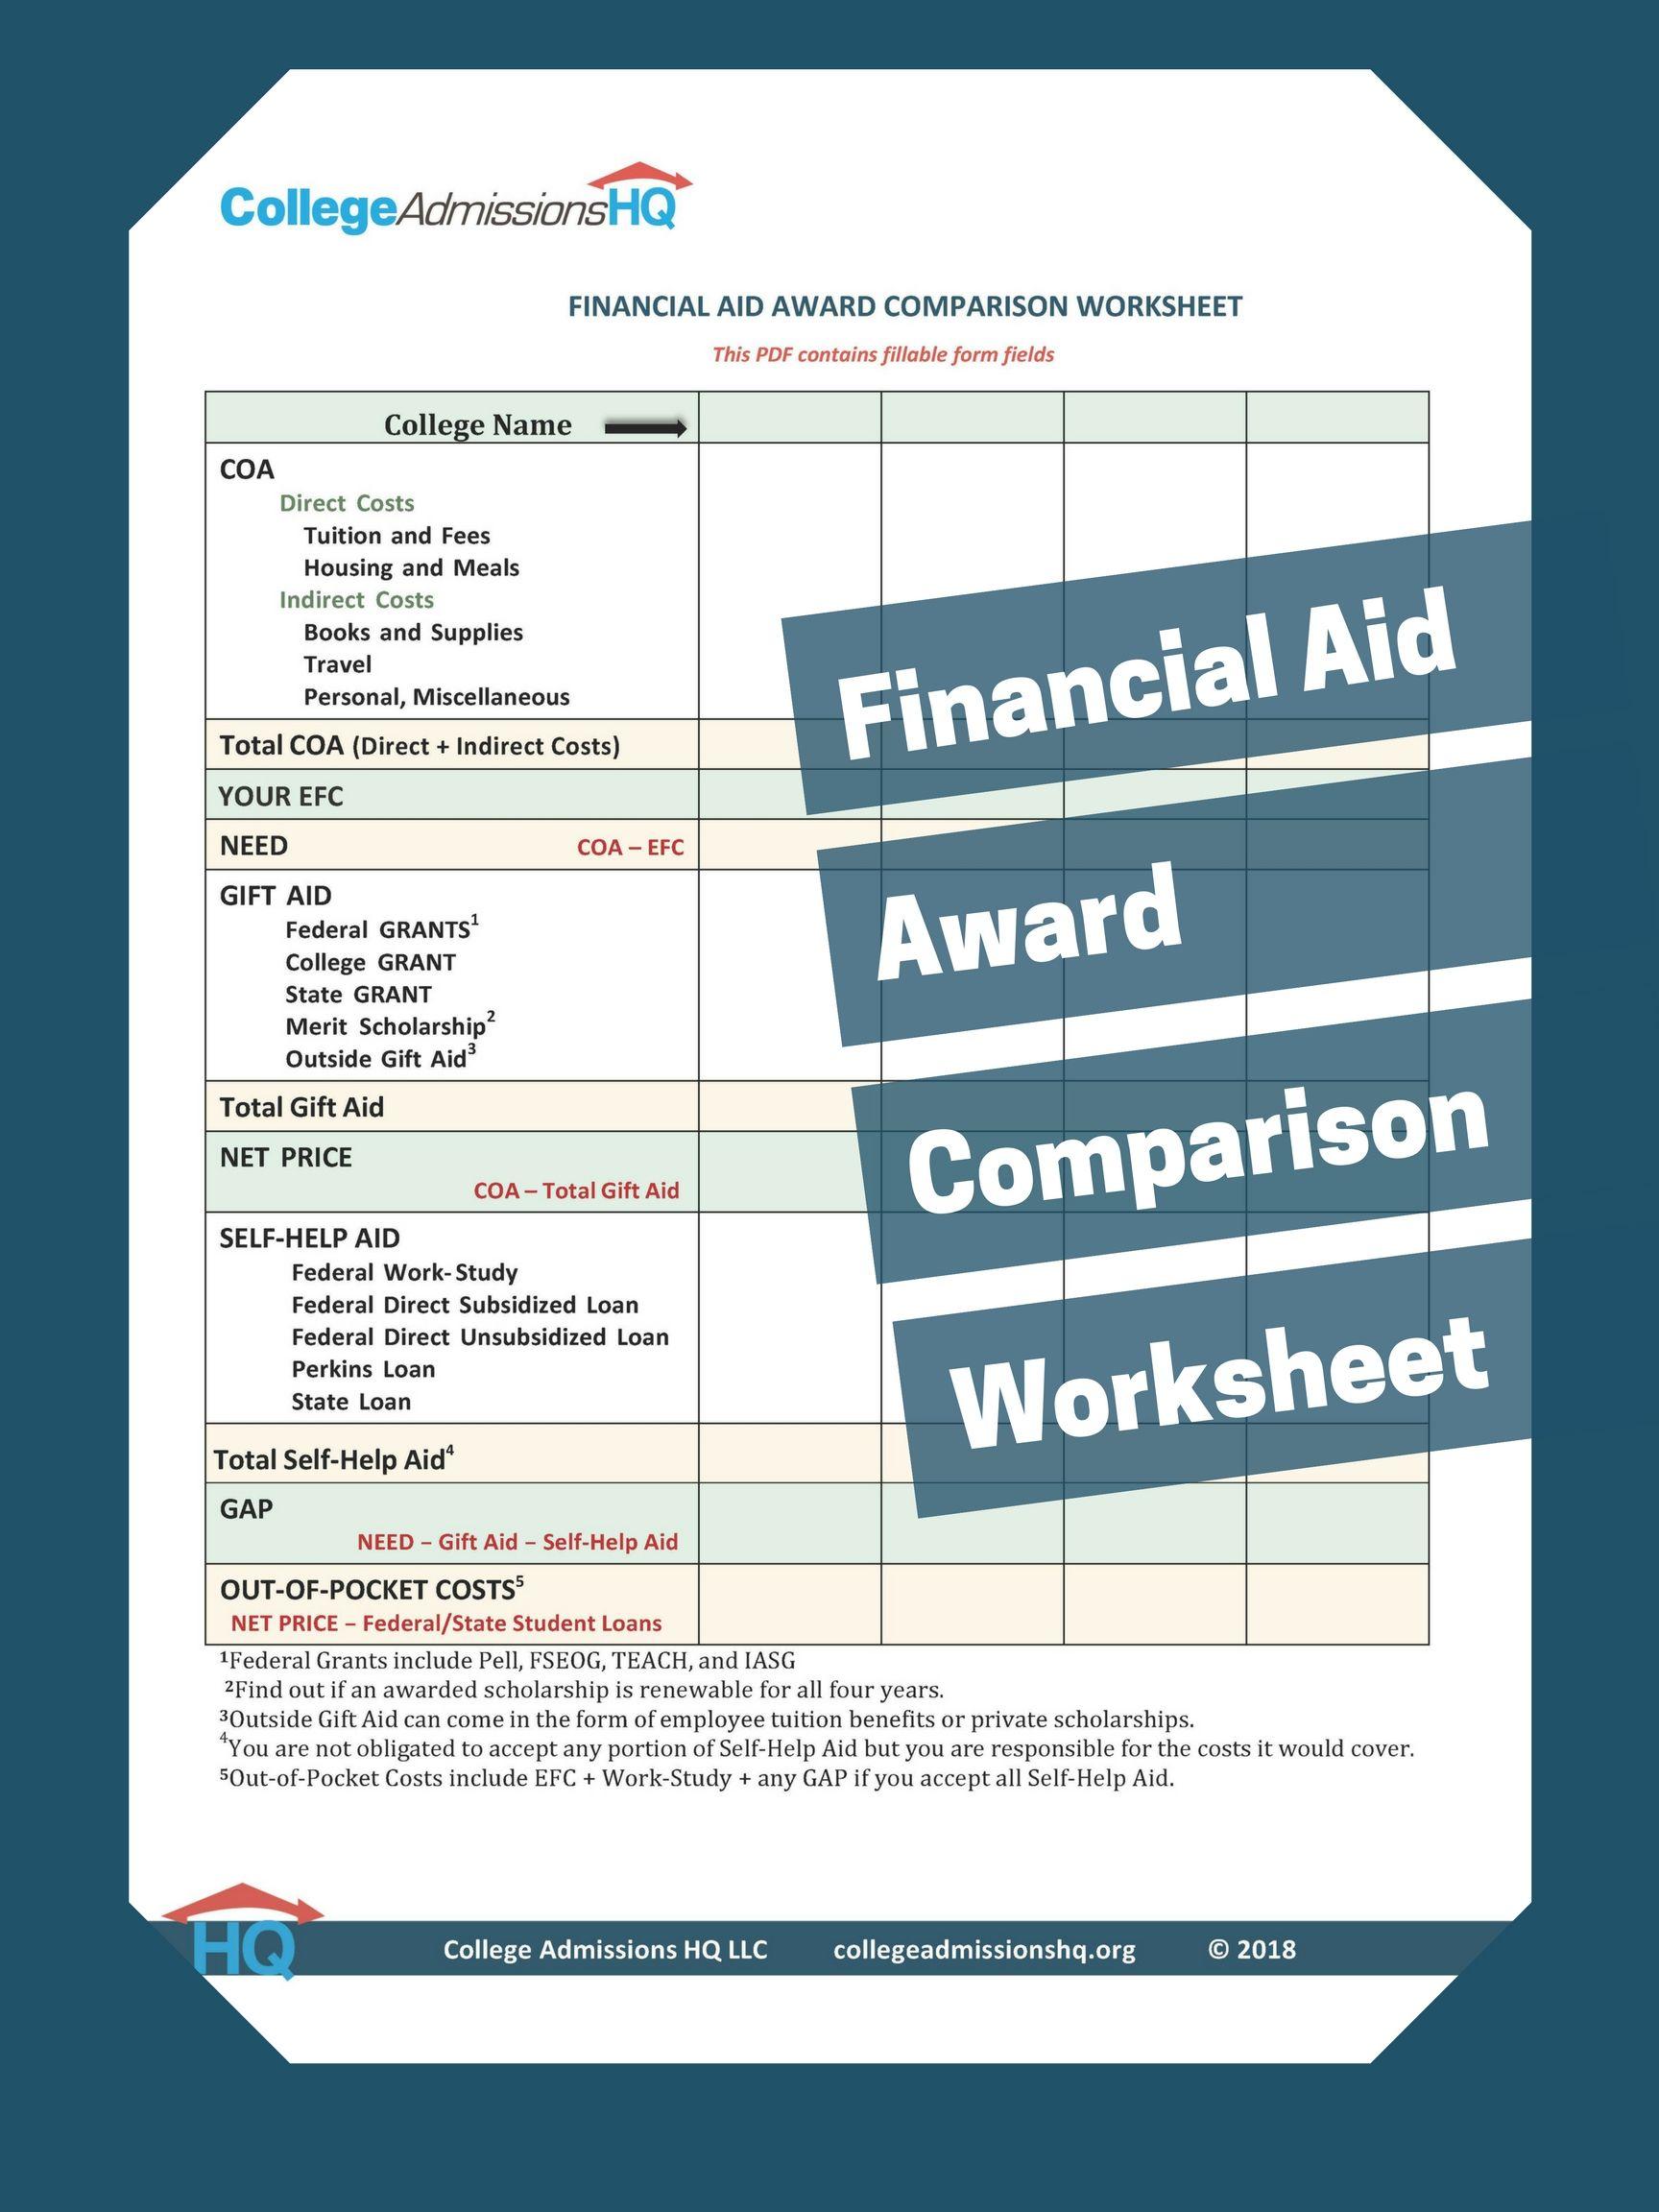 Financial Aid Award Comparison Worksheet Financial Aid